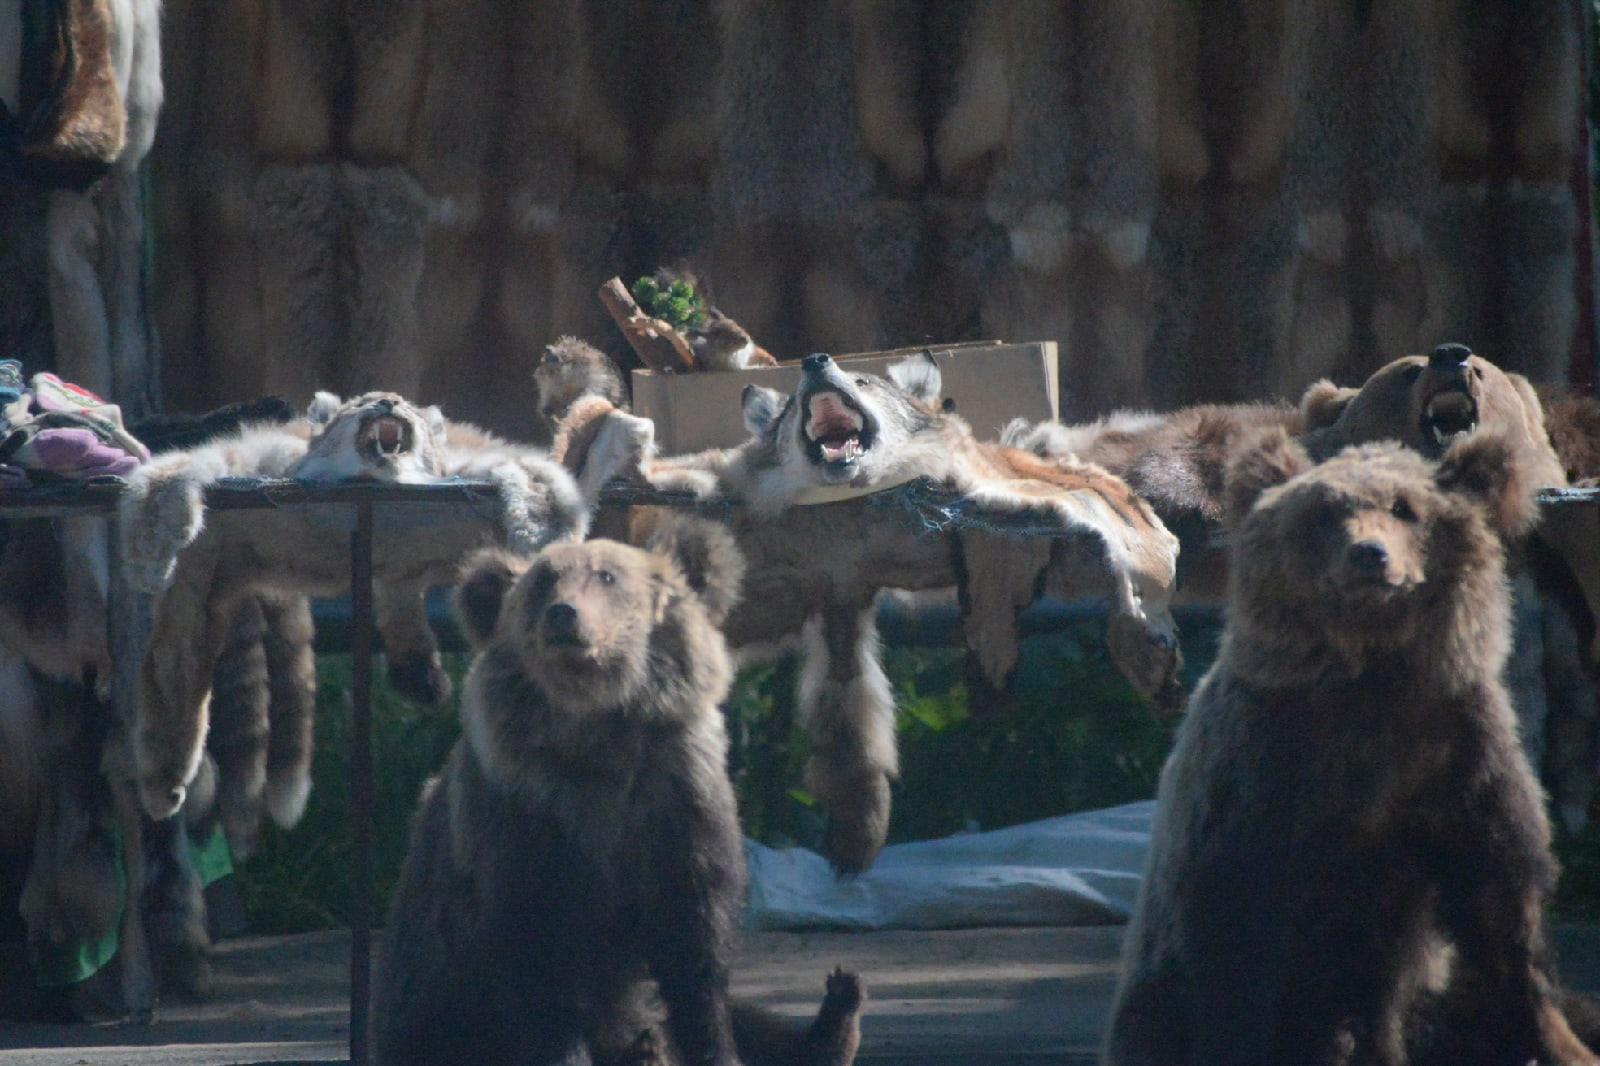 Концлагерь для медведей: как из медвежат добывают желчь